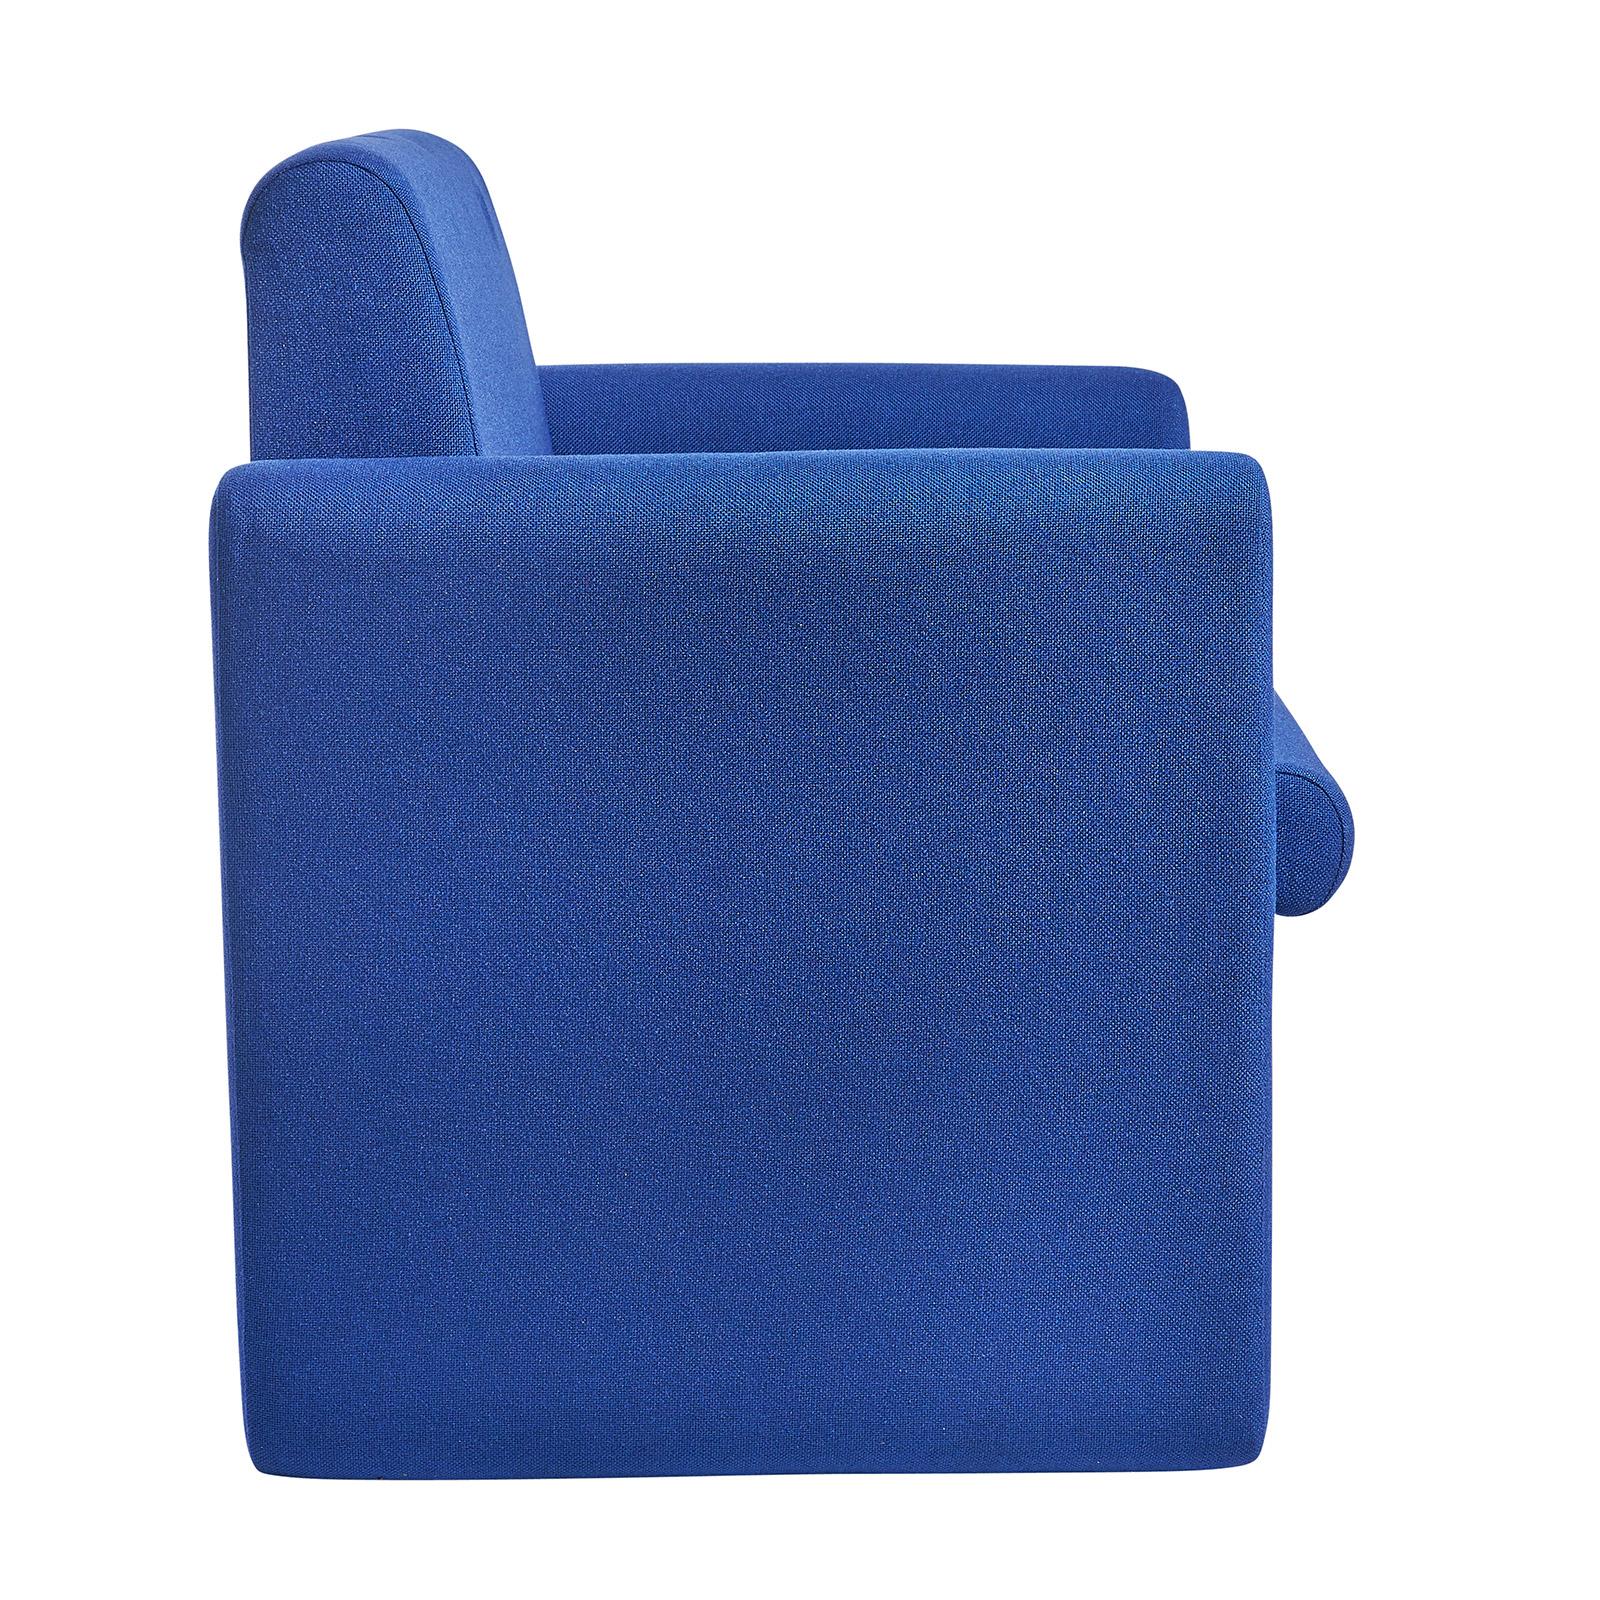 Alto modular reception seating armchair - blue